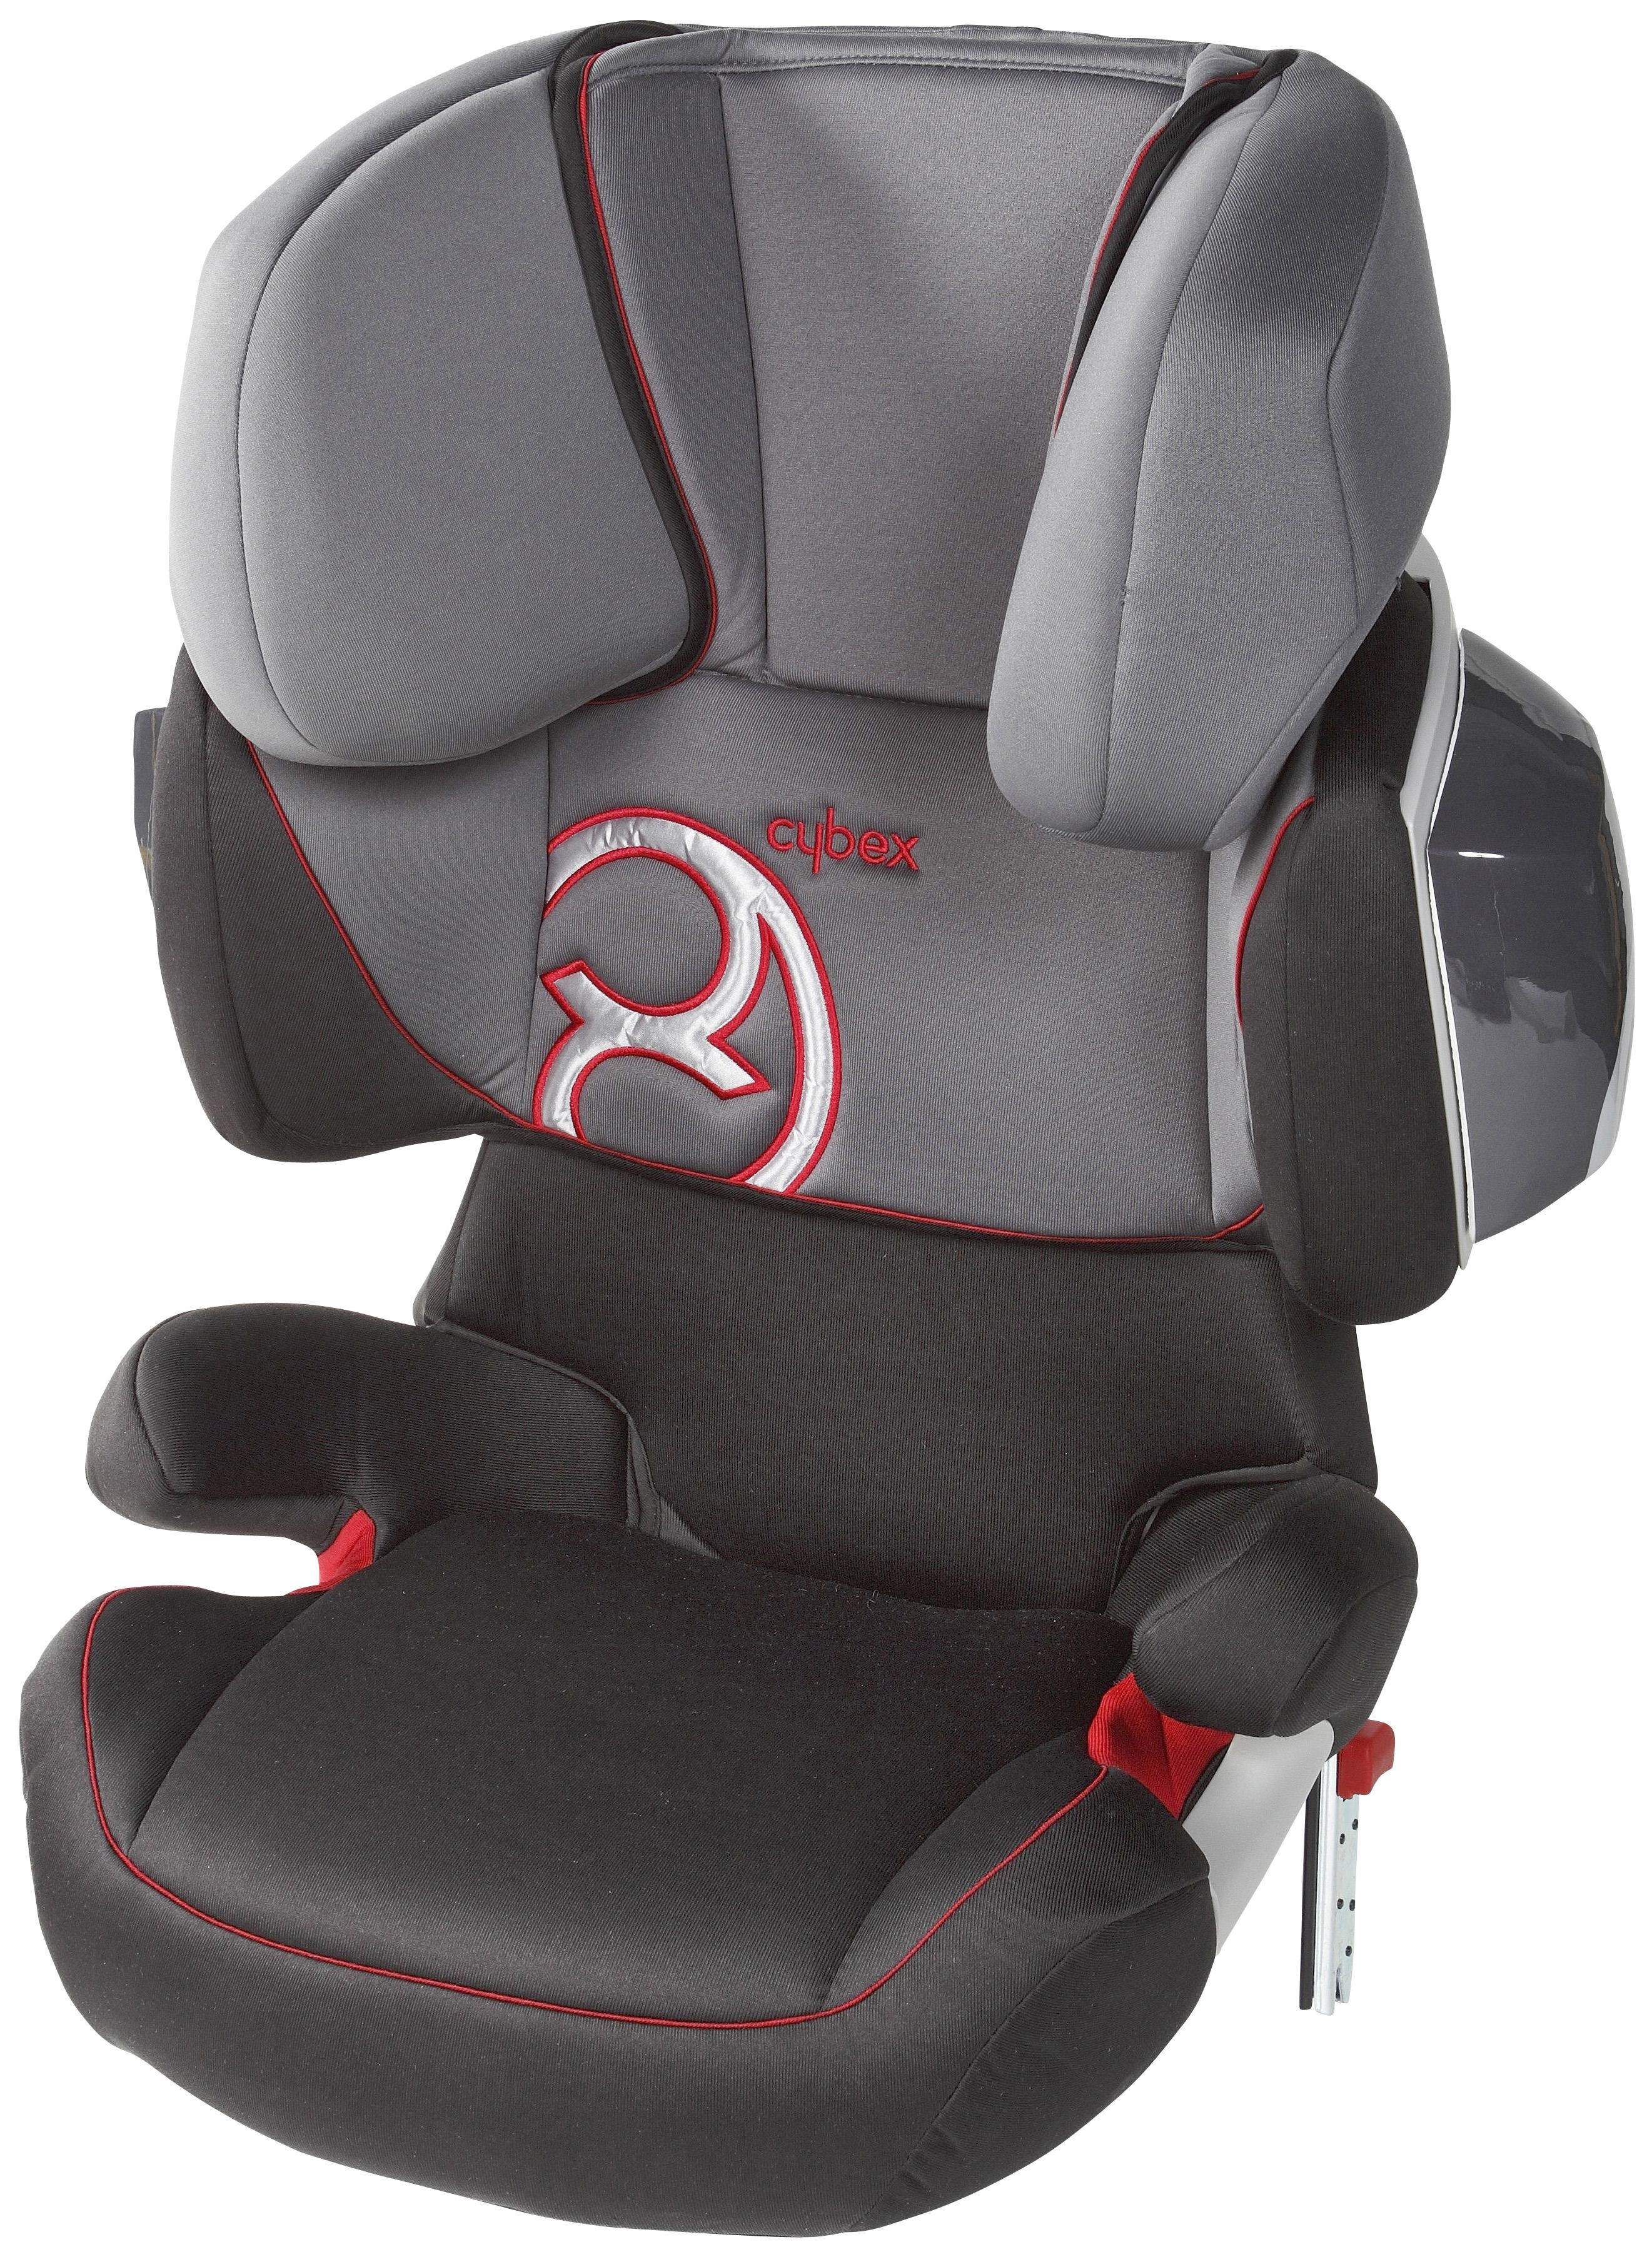 An lisis de cybex solution x2 fix comparador de sillas de coche ocu - Silla cybex solution x2 fix ...